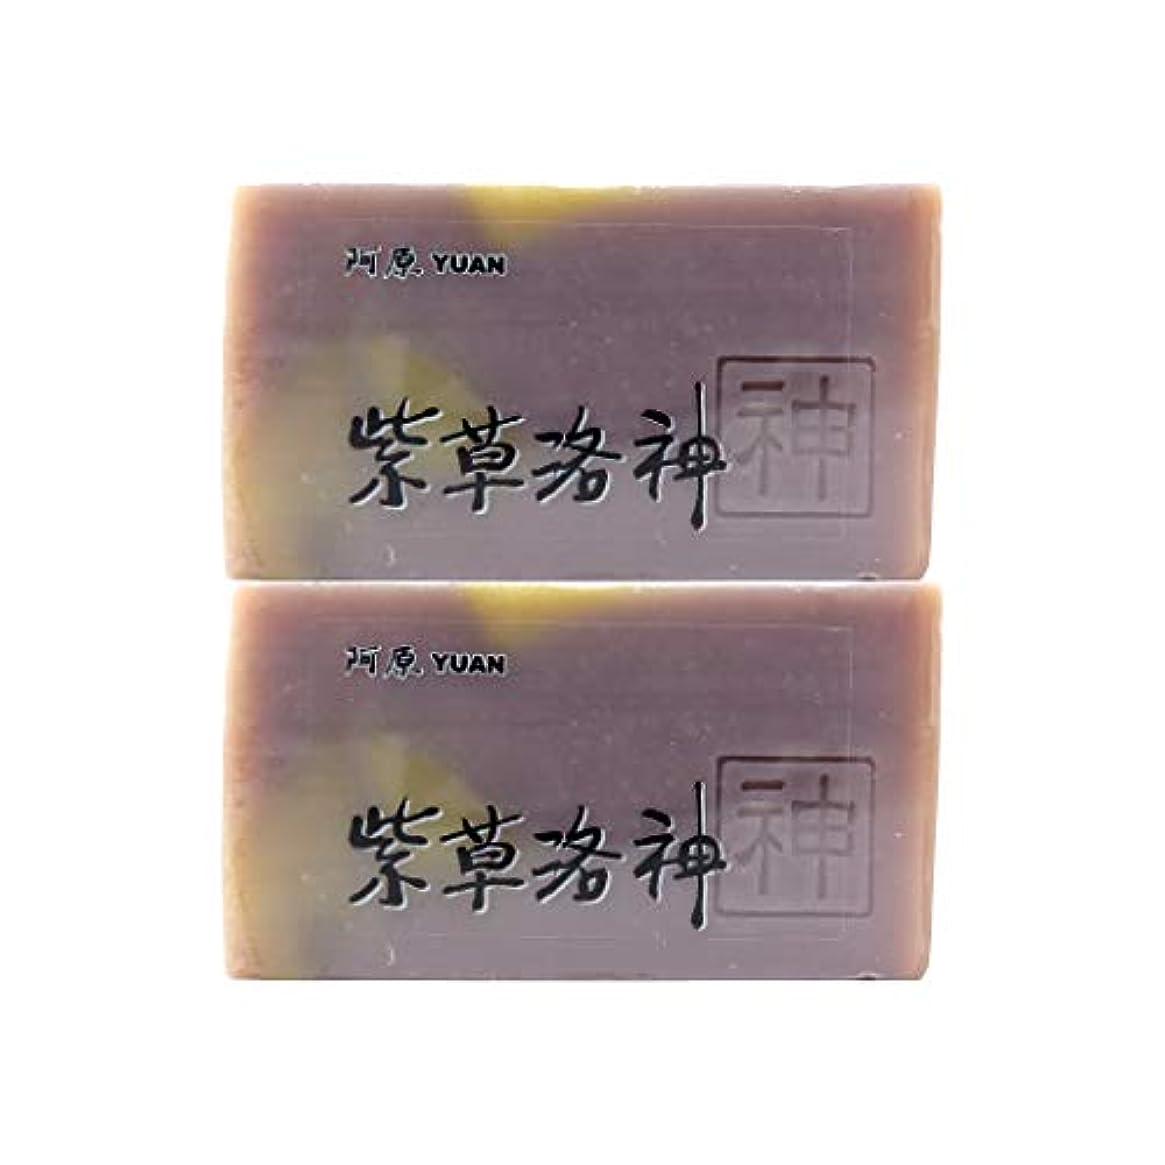 配る独裁アルファベットユアン(YUAN) ハイビスカスソープ 100g (2個セット)